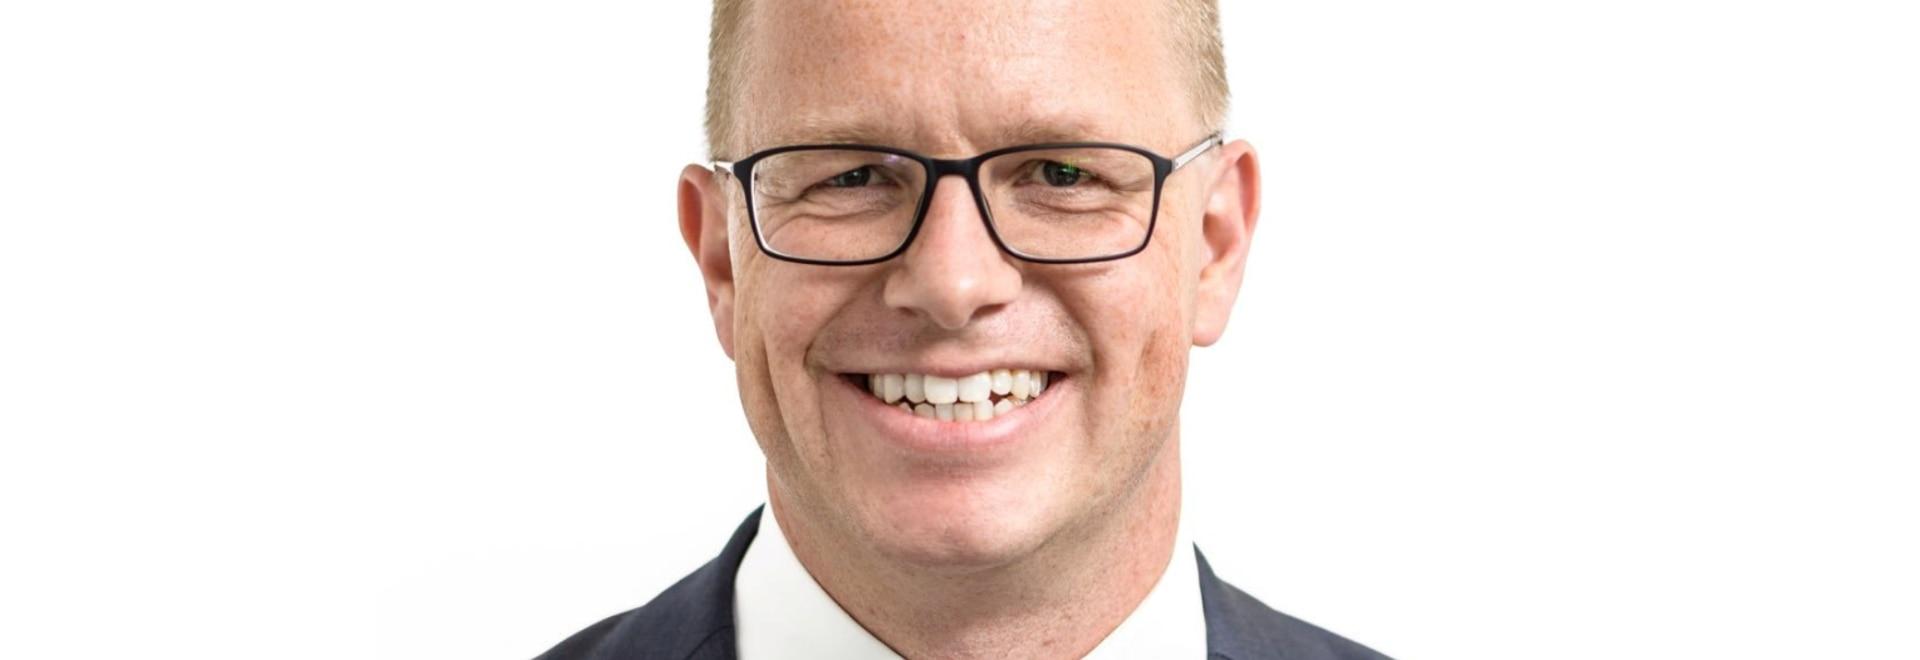 NIELS KLARENBEEK HAS BEEN APPOINTED NEW DIRECTOR OF METSTRADE